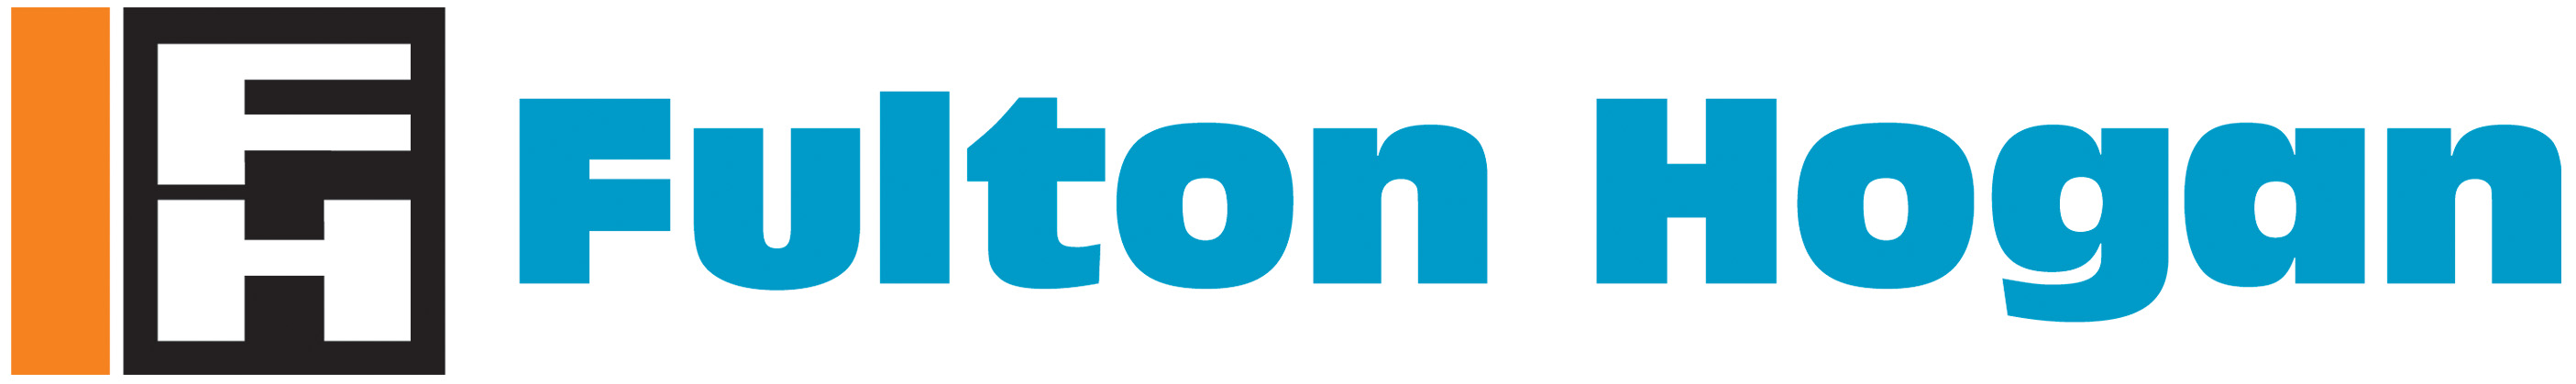 Fulton Hogan IWD2017 Sponsor